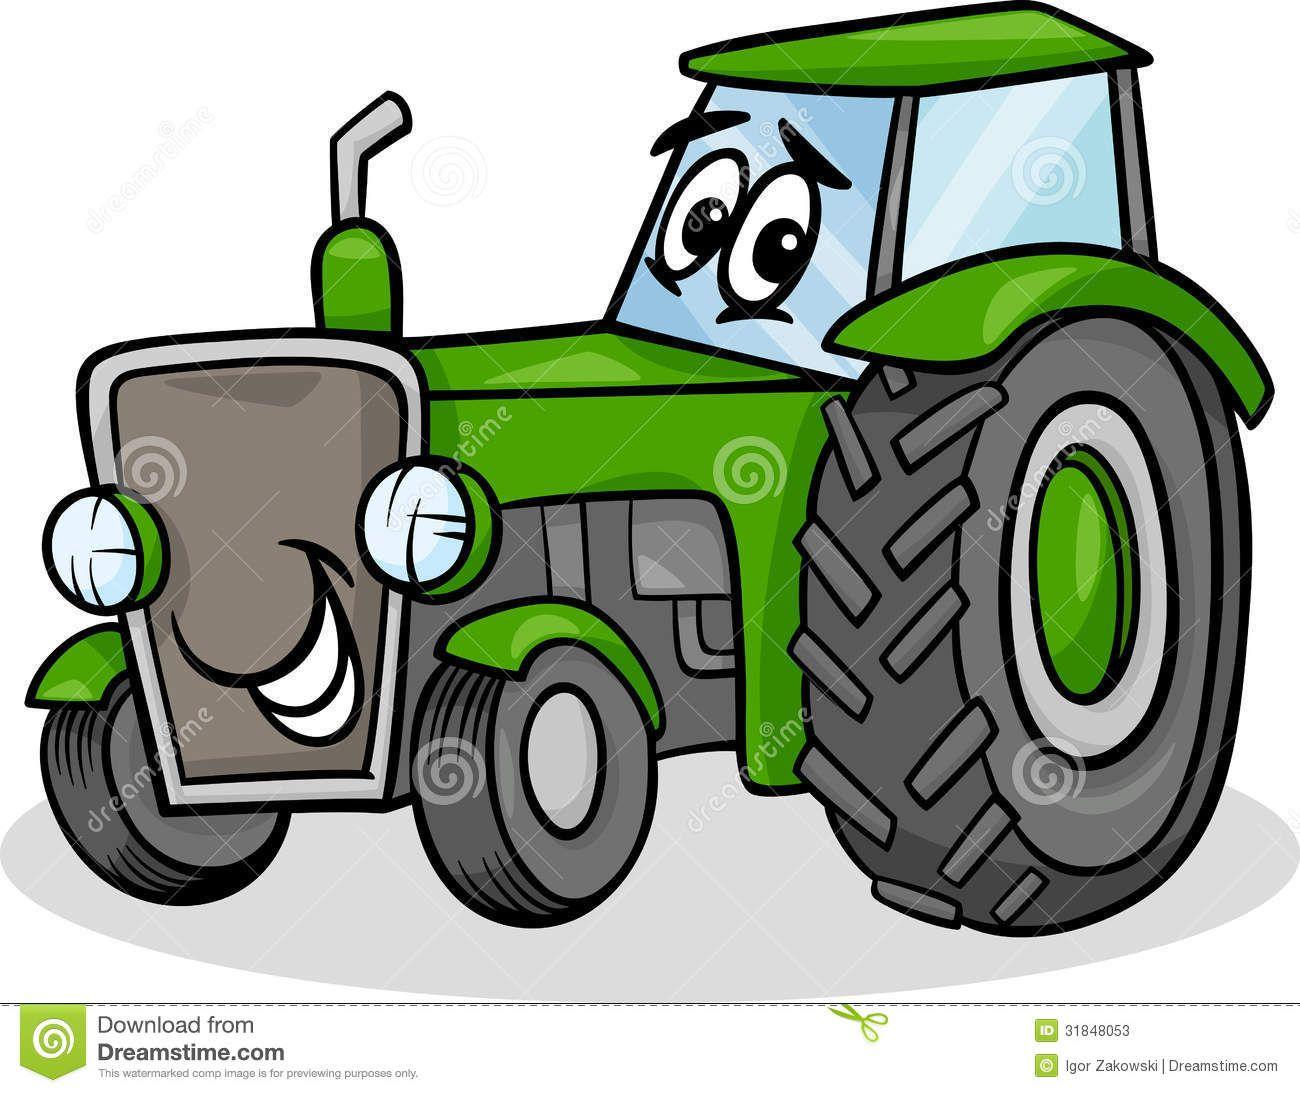 Tractor Cartoon Picker : Cartoon tractor illustration of funny farm